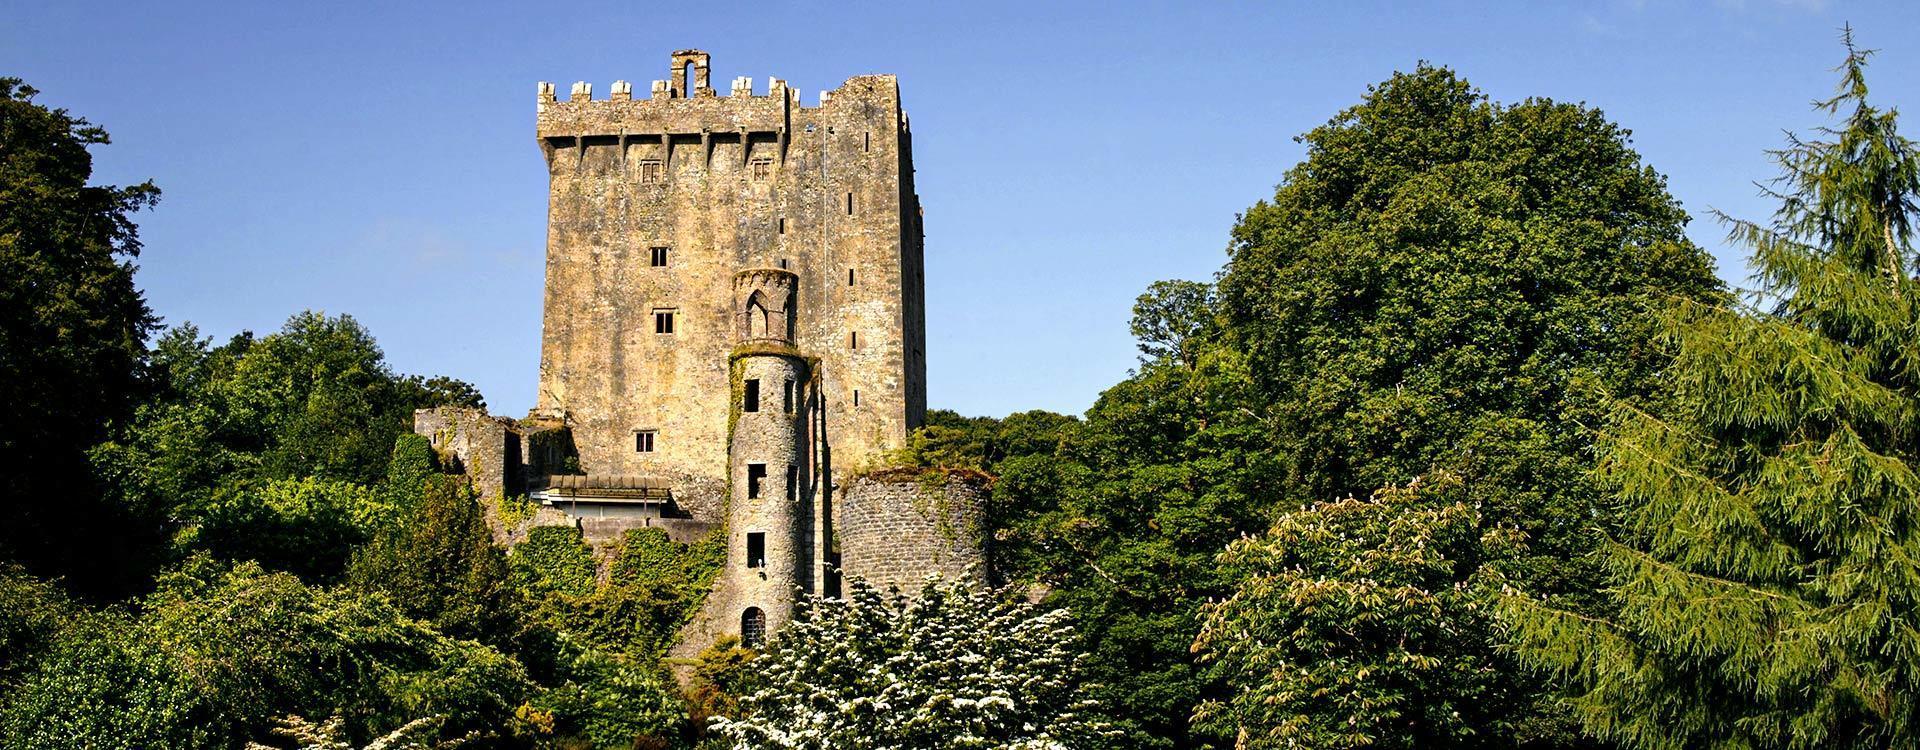 Excursión de dos días a los Acantilados de Moher y Blarney desde Dublín